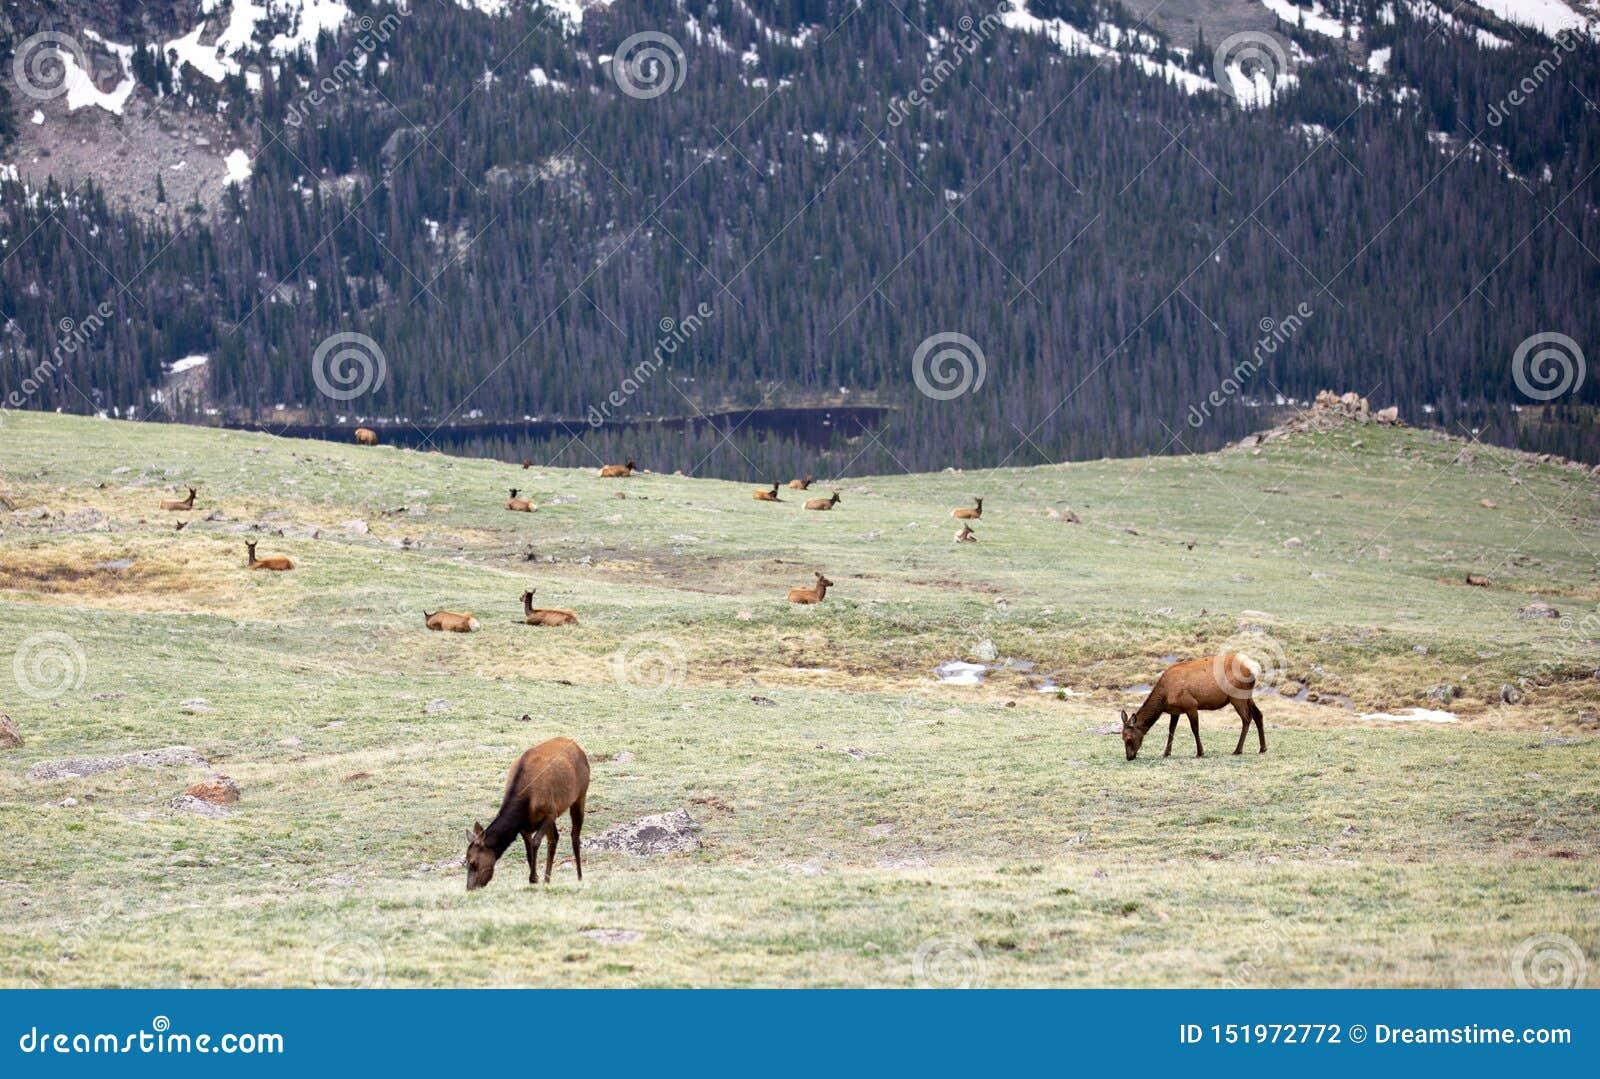 Ένα κοπάδι των αλκών που βόσκουν σε ένα αλπικό λιβάδι στο δύσκολο εθνικό πάρκο βουνών στο Κολοράντο